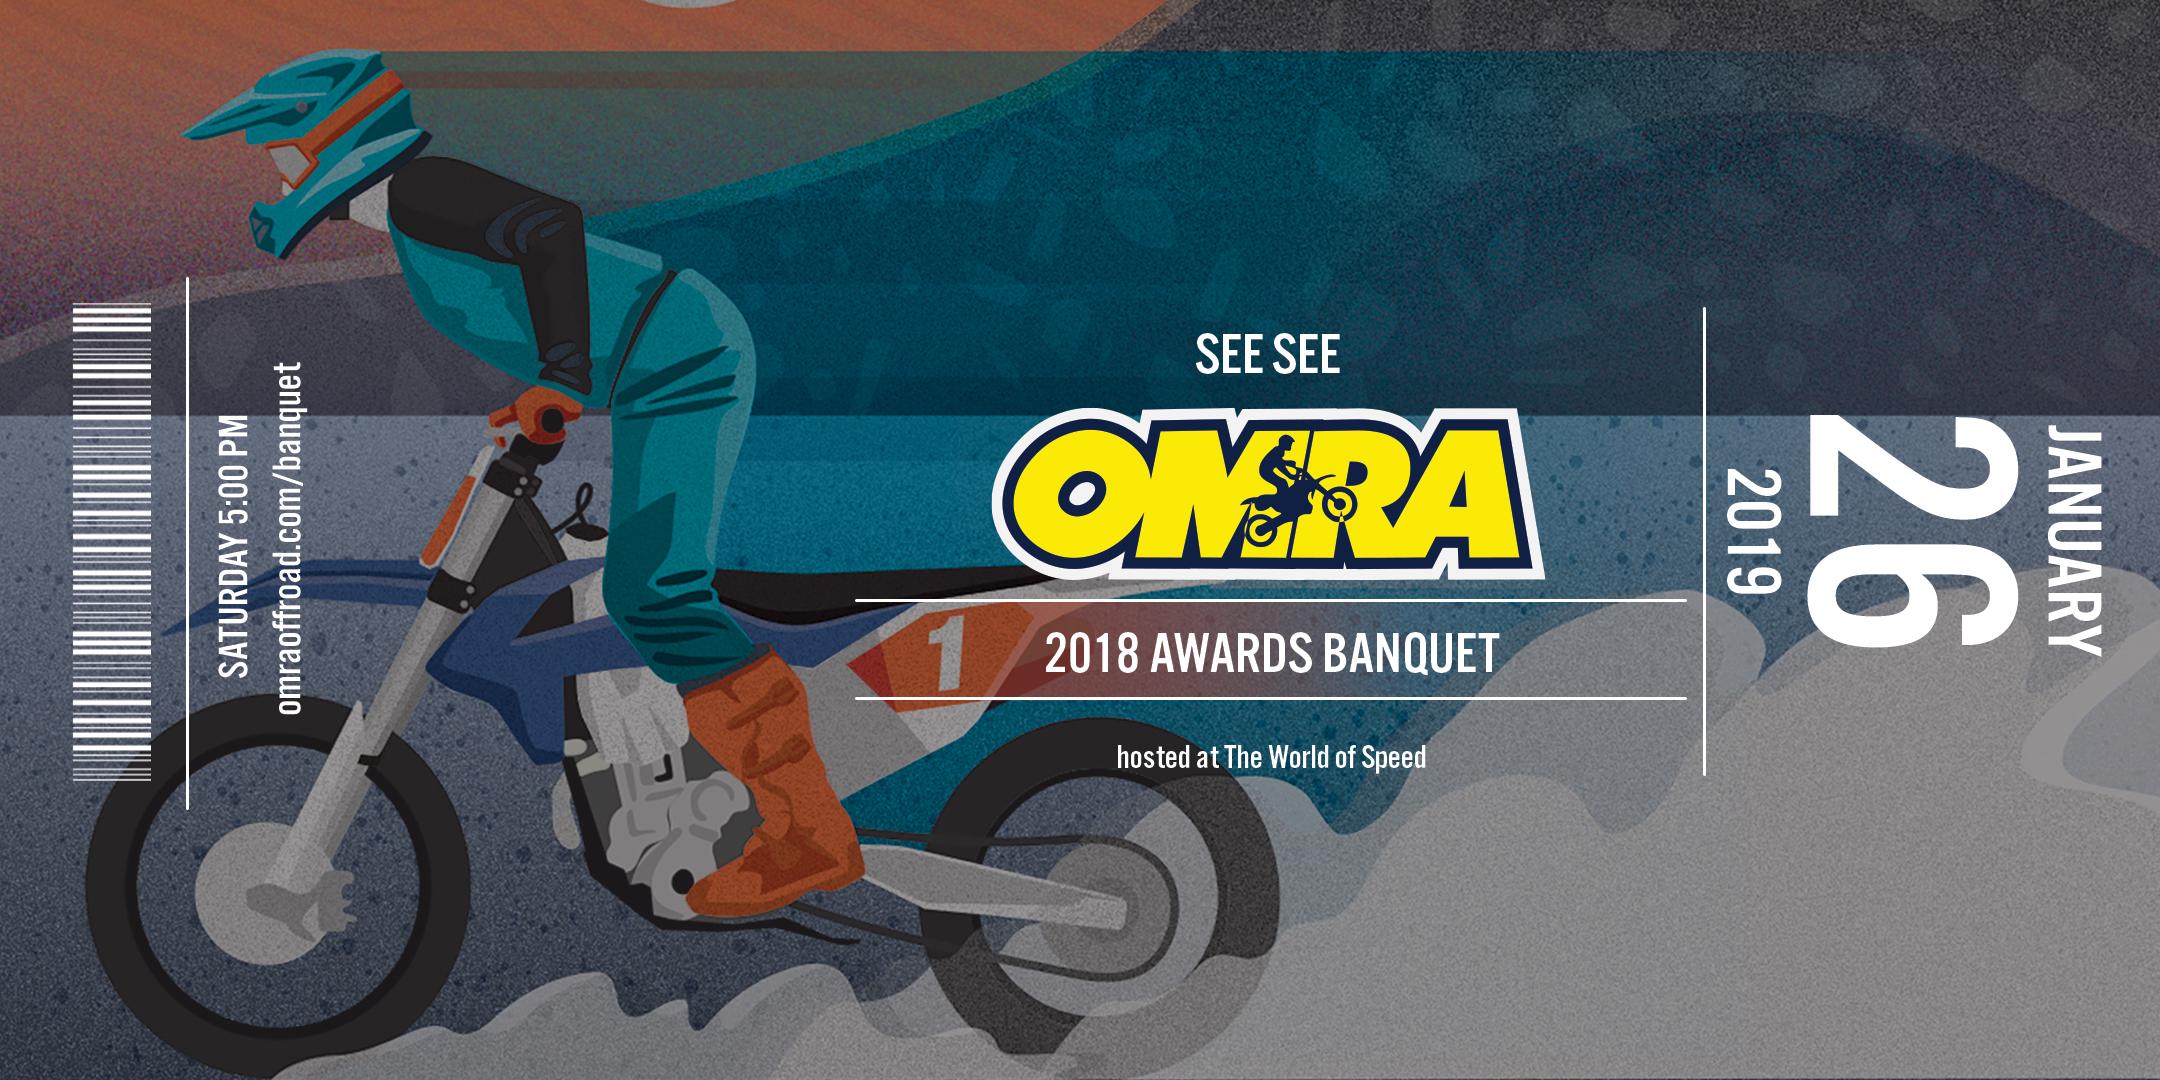 See_See_OMRA_2019_Awards_Banquet.jpg